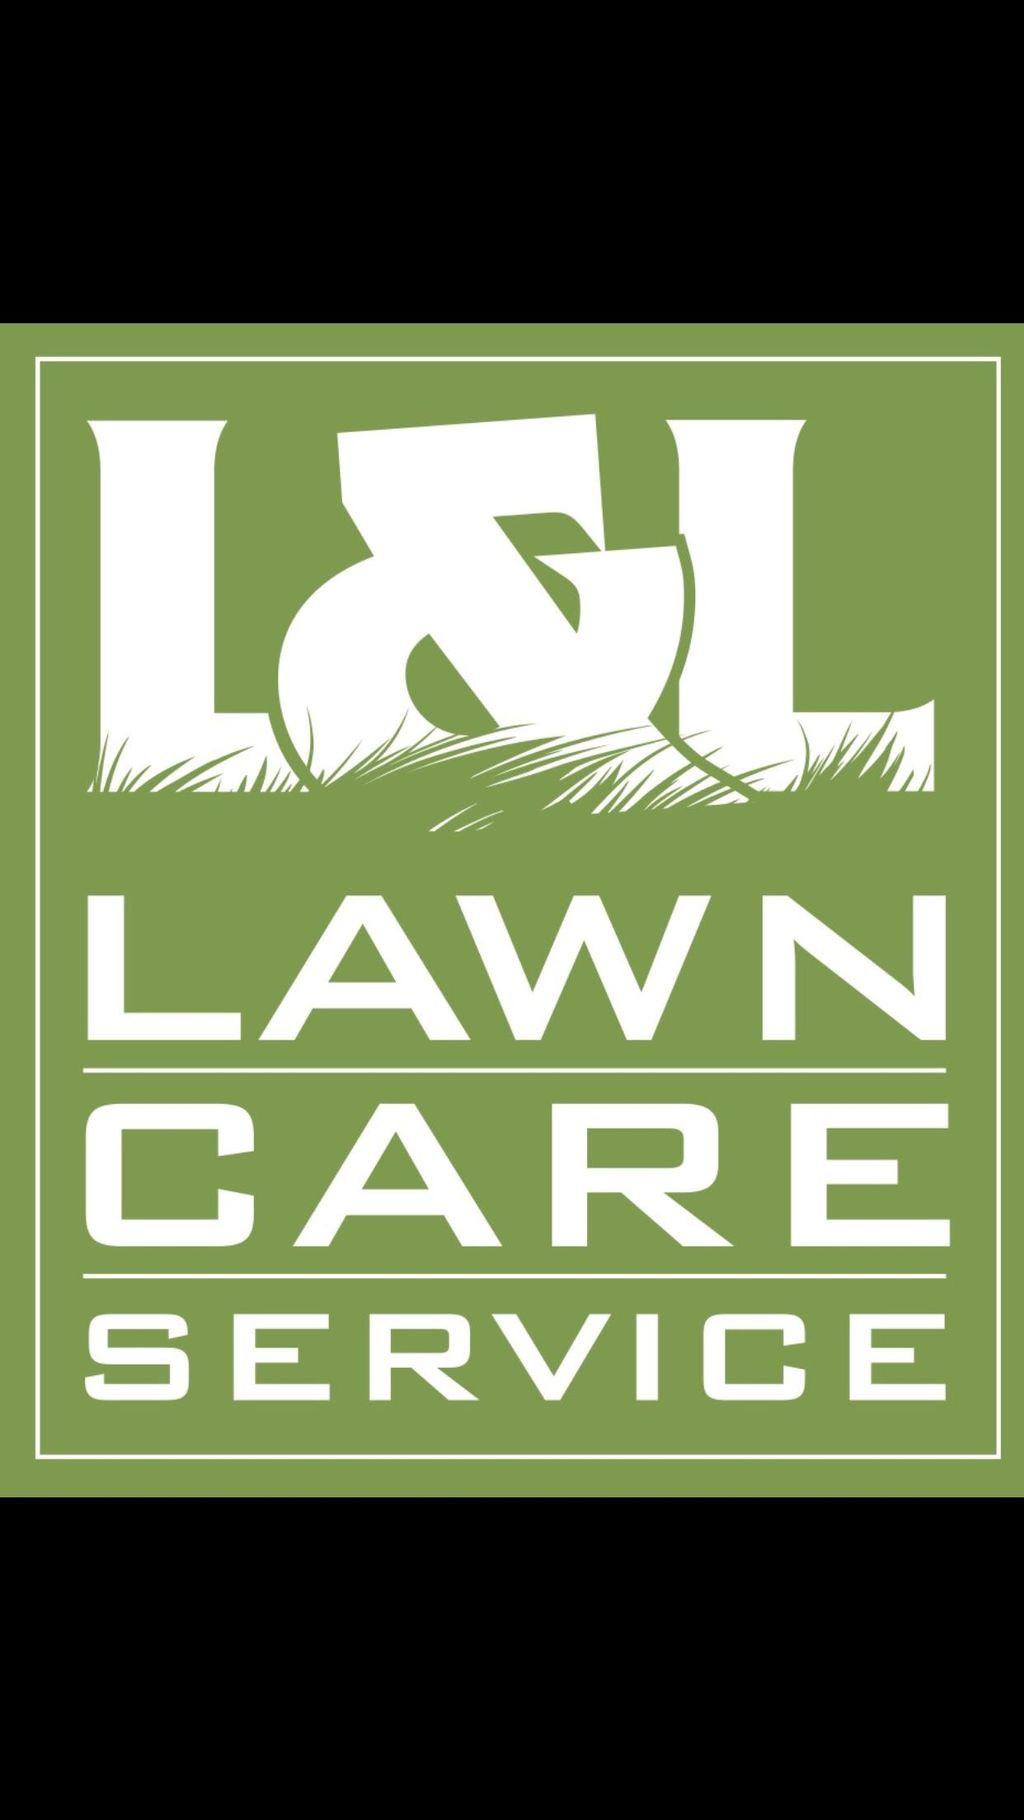 L&L Lawn care Service, LLC